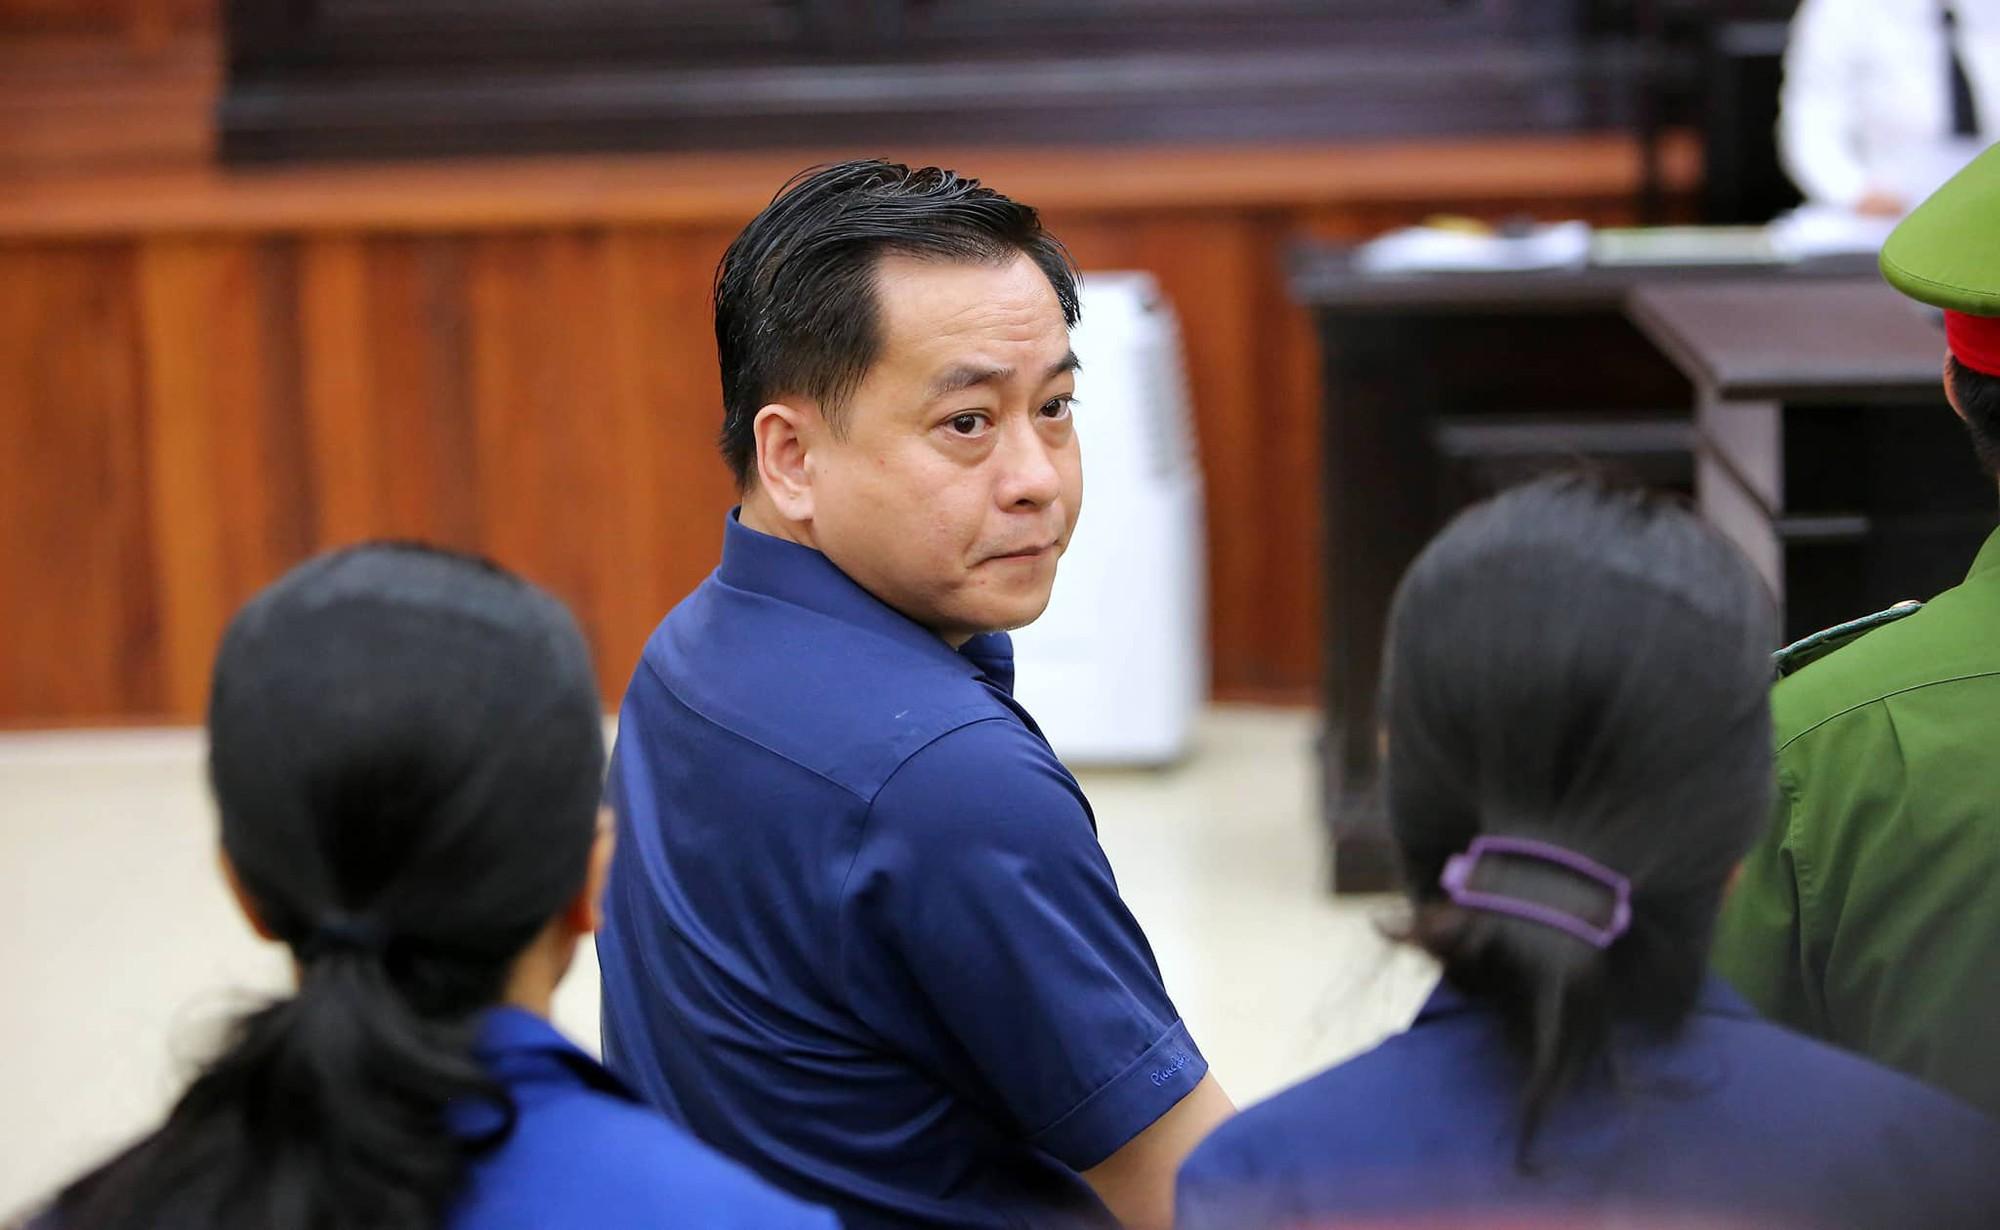 Vũ nhôm kêu oan bất thành, tòa phúc thẩm bác kháng cáo, giữ nguyên mức án 17 năm tù  - Ảnh 1.